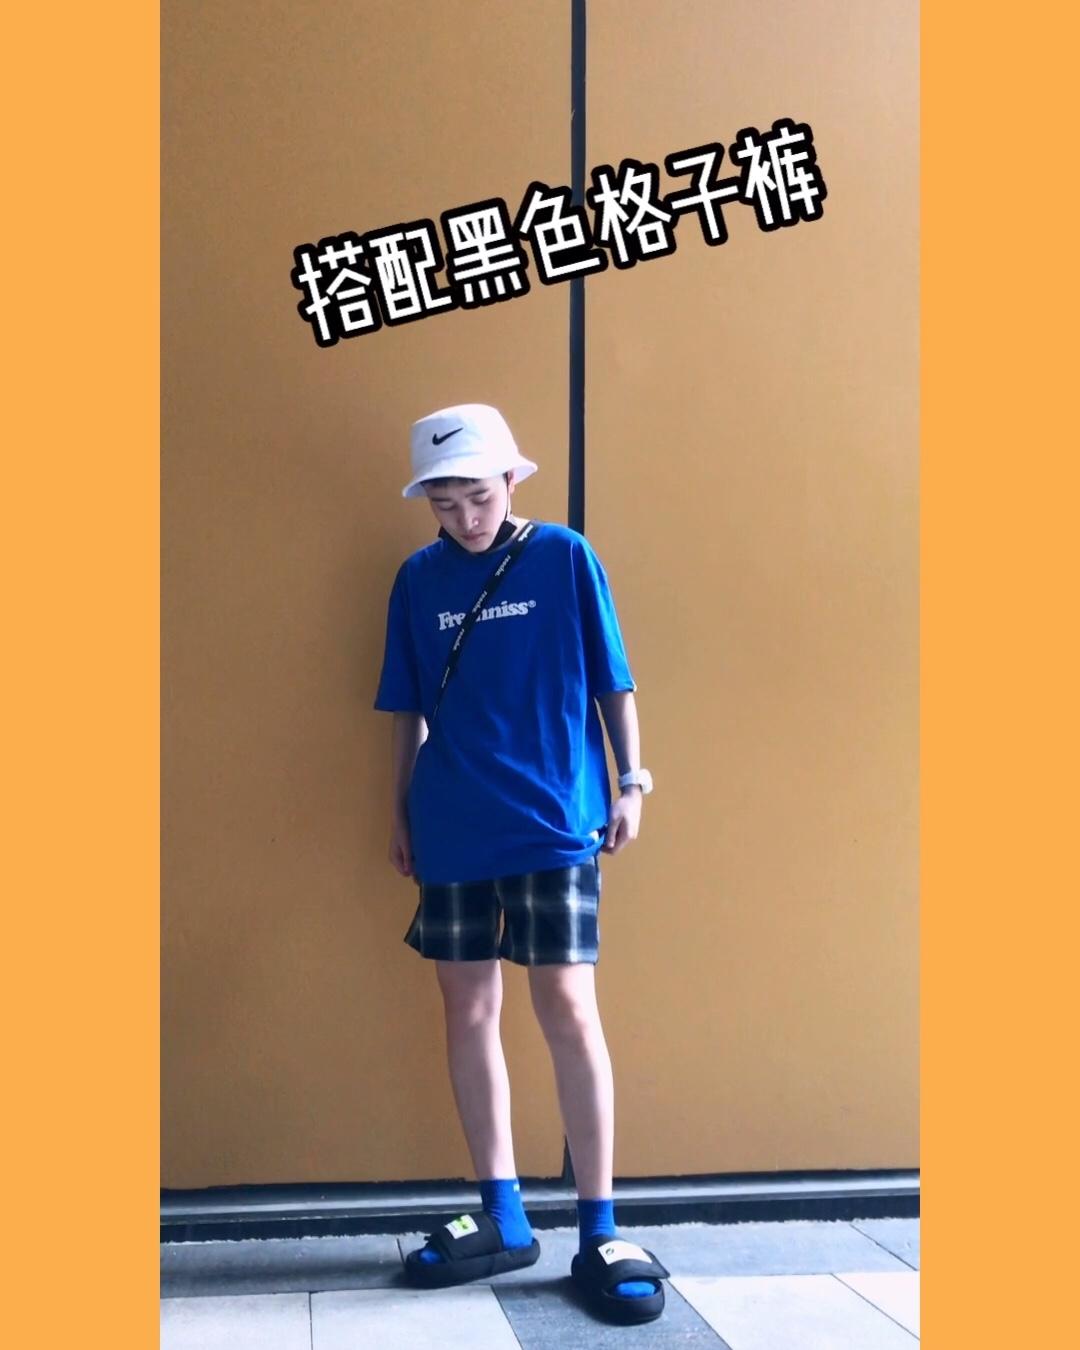 #韩国小姐姐夏天都这么穿!# 夏日亮色之宝蓝色T恤,出街十分抢眼,袜子也穿的蓝色,和衣服相呼应,搭配运动拖鞋特别合适,也不会很热。 水瓶字母挂带,最适合夏天的配饰之一,好看又实用,天热了挂瓶冰汽水保命